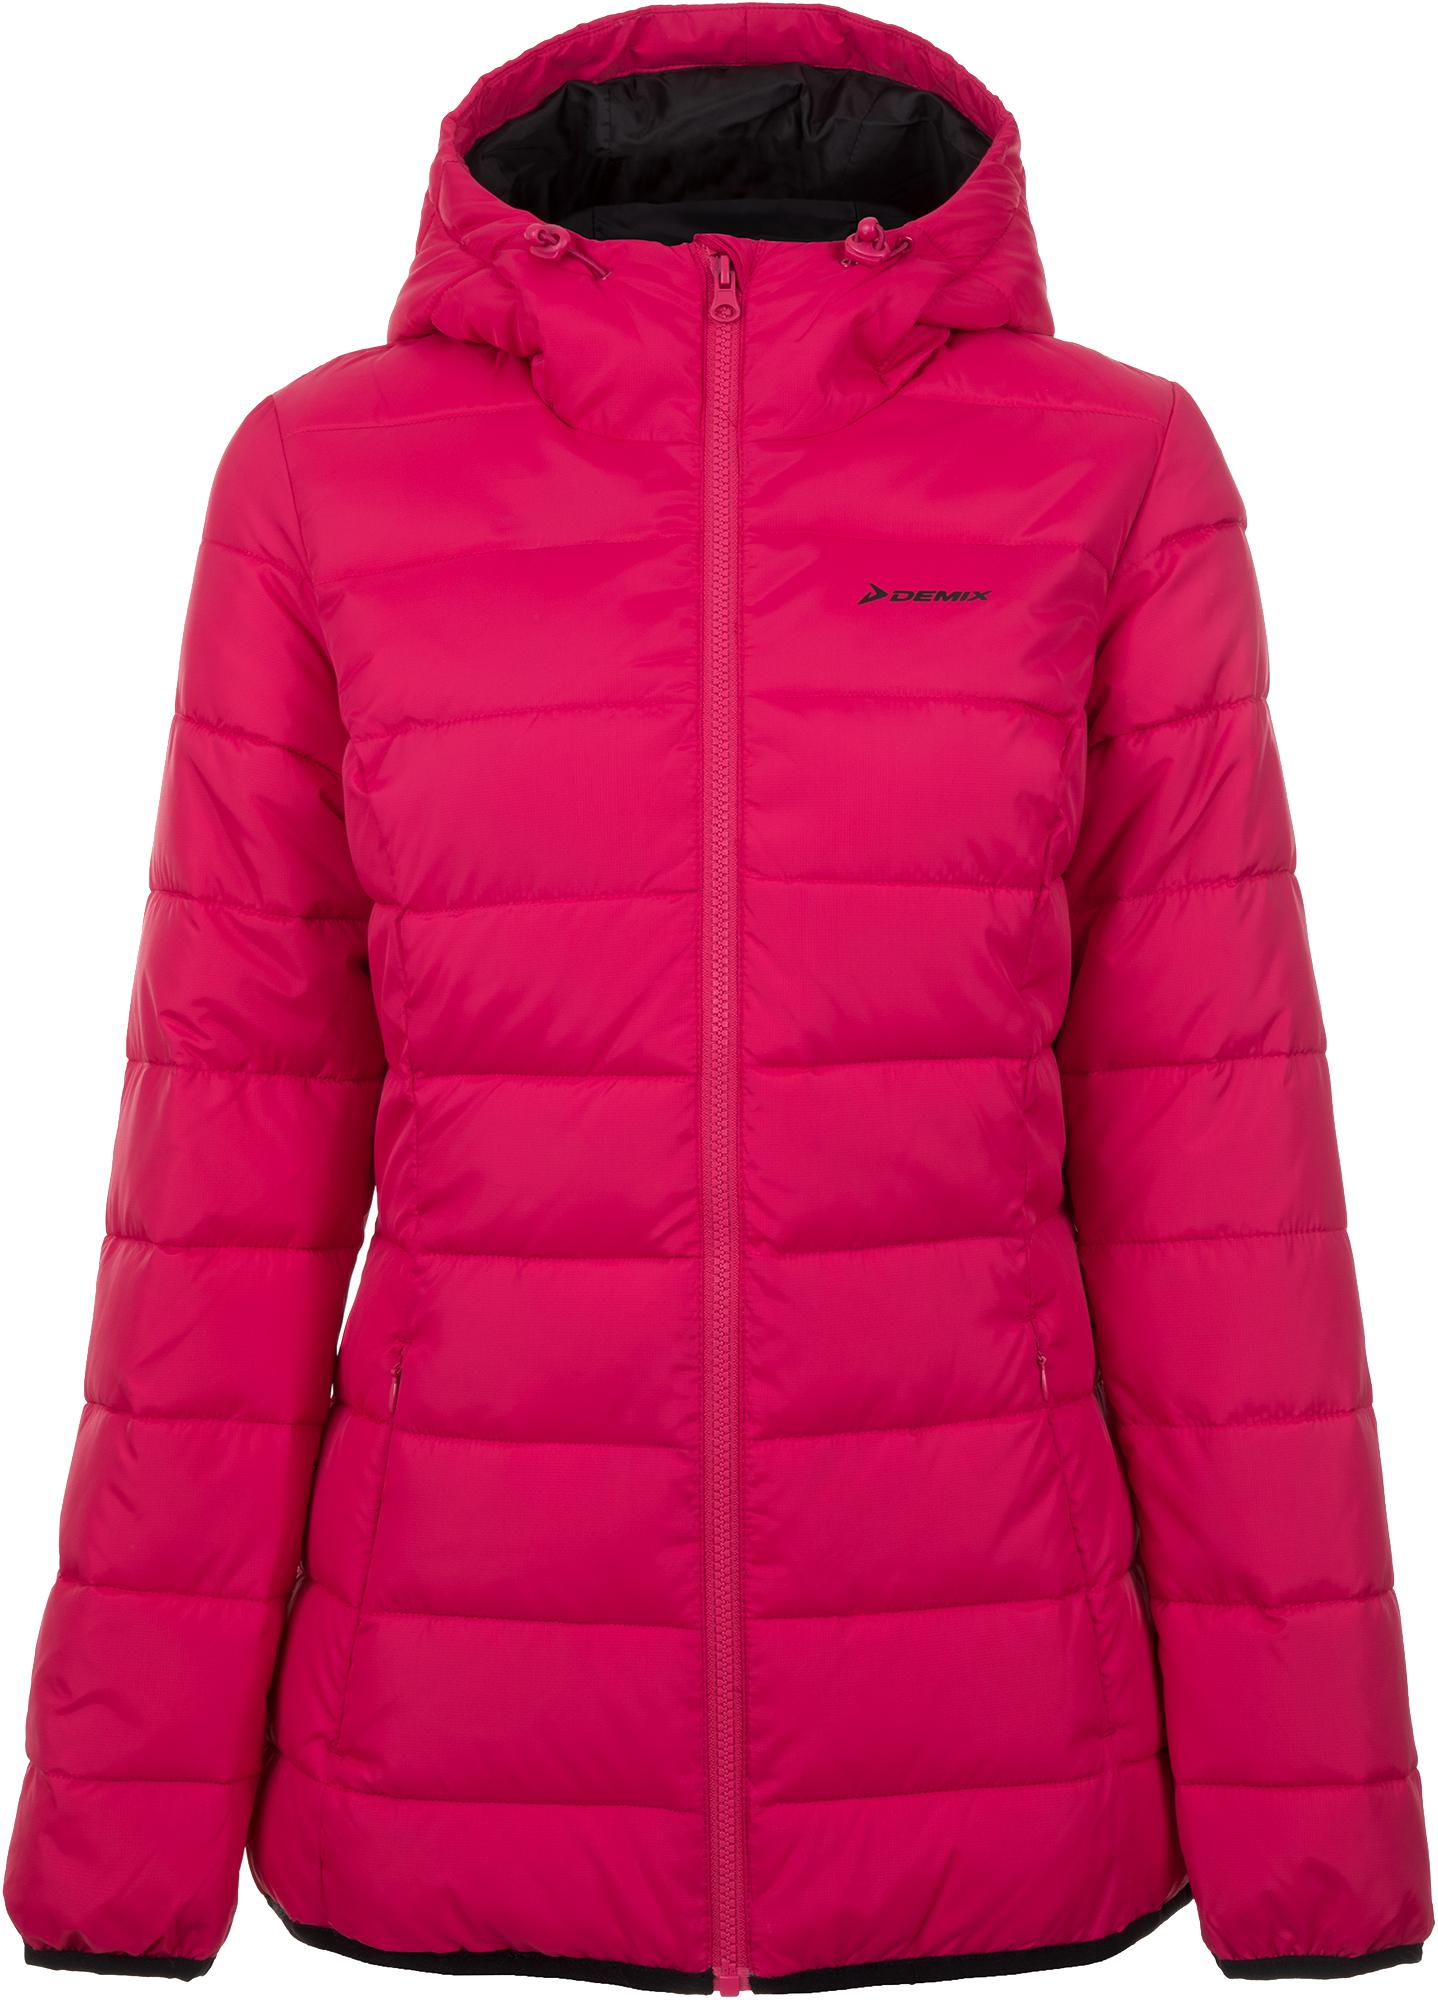 Demix Куртка утепленная женская Demix Basic, размер 50-52